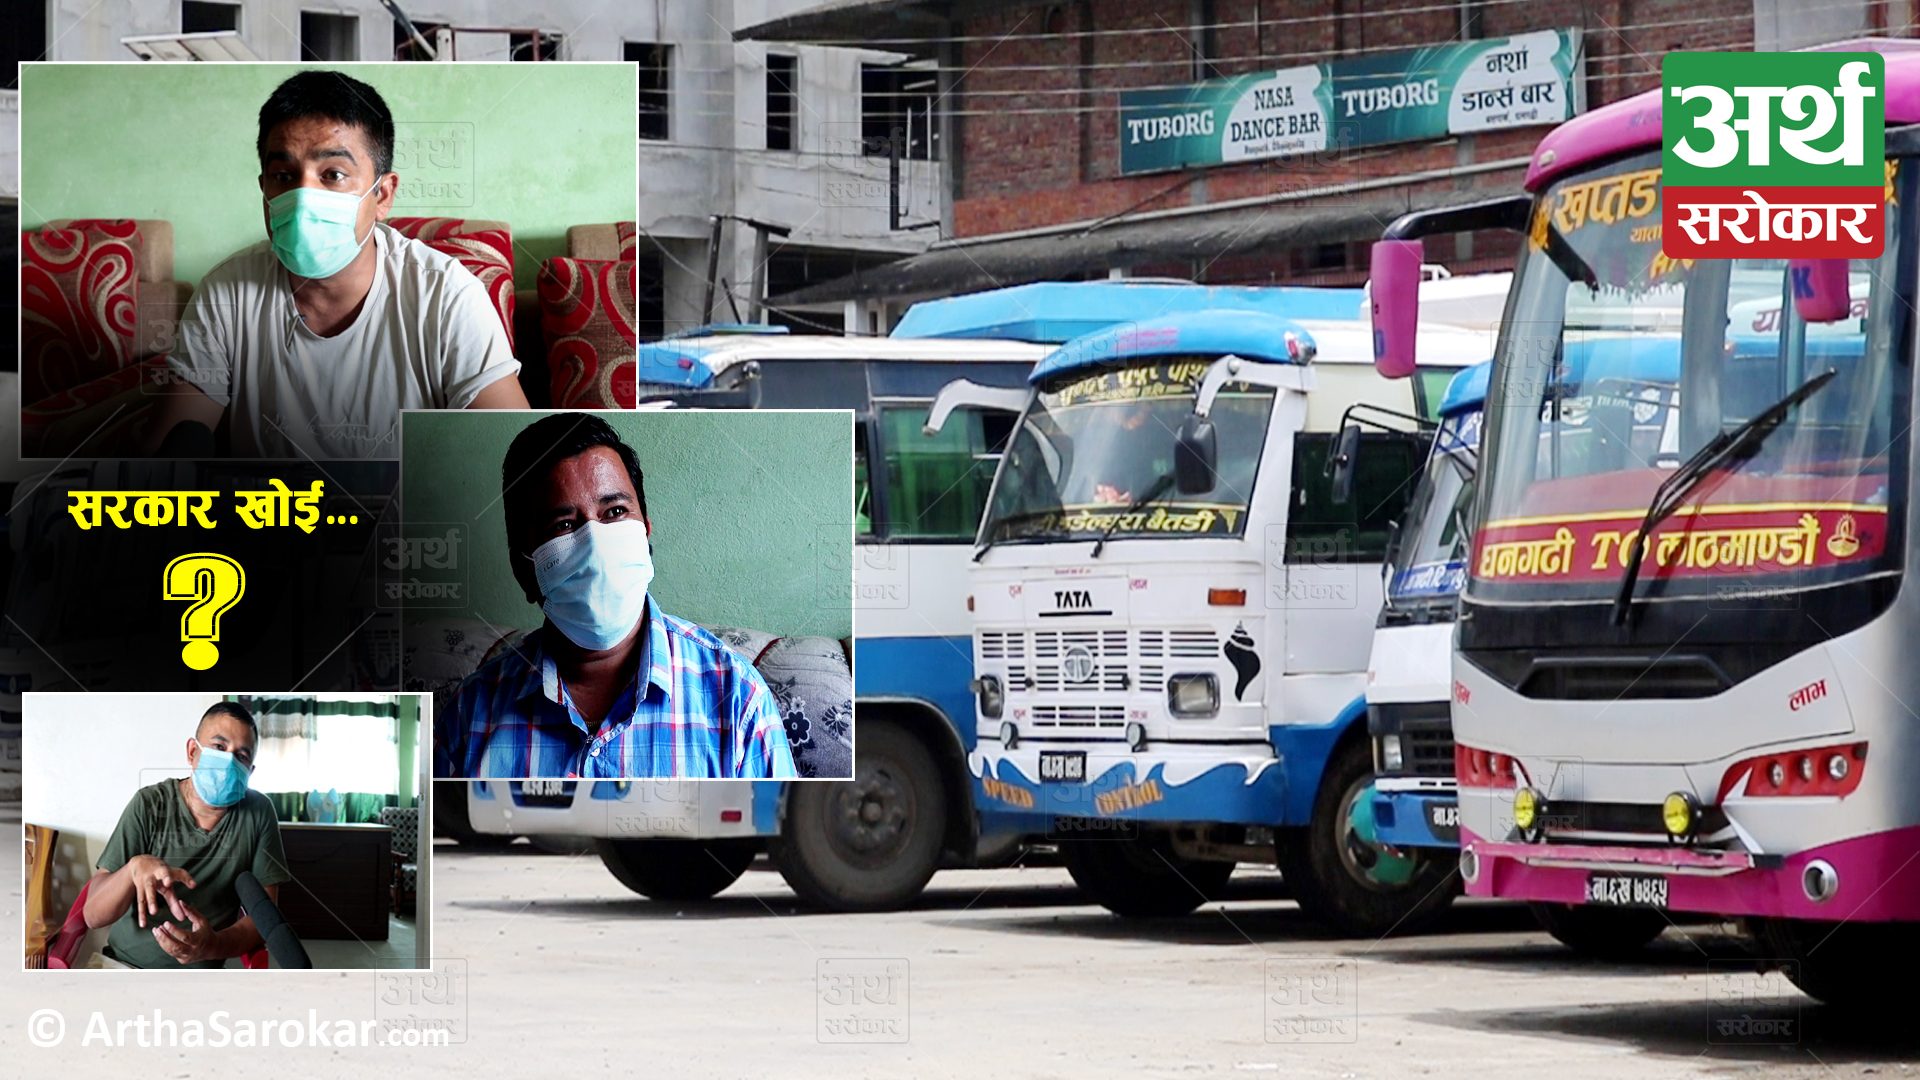 यातायात व्यवसायीको पीडाः पुर्नकर्जाको नाममा बैंकले झुक्यायो, सरकार रमिते बन्यो !